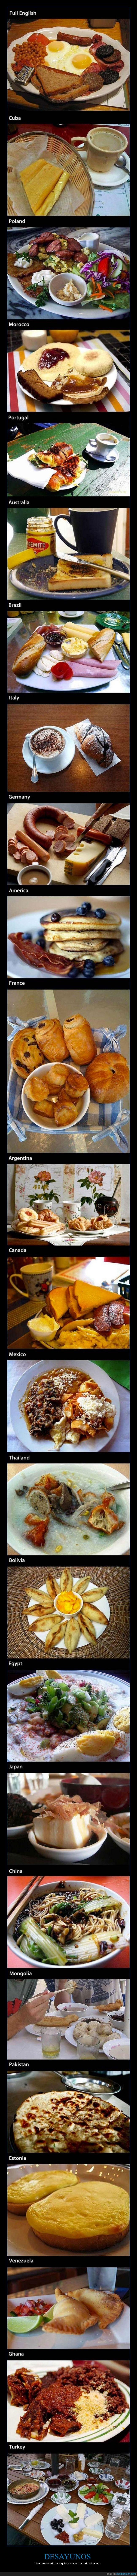 Desayunos México Estados Unidos Canadá argentina